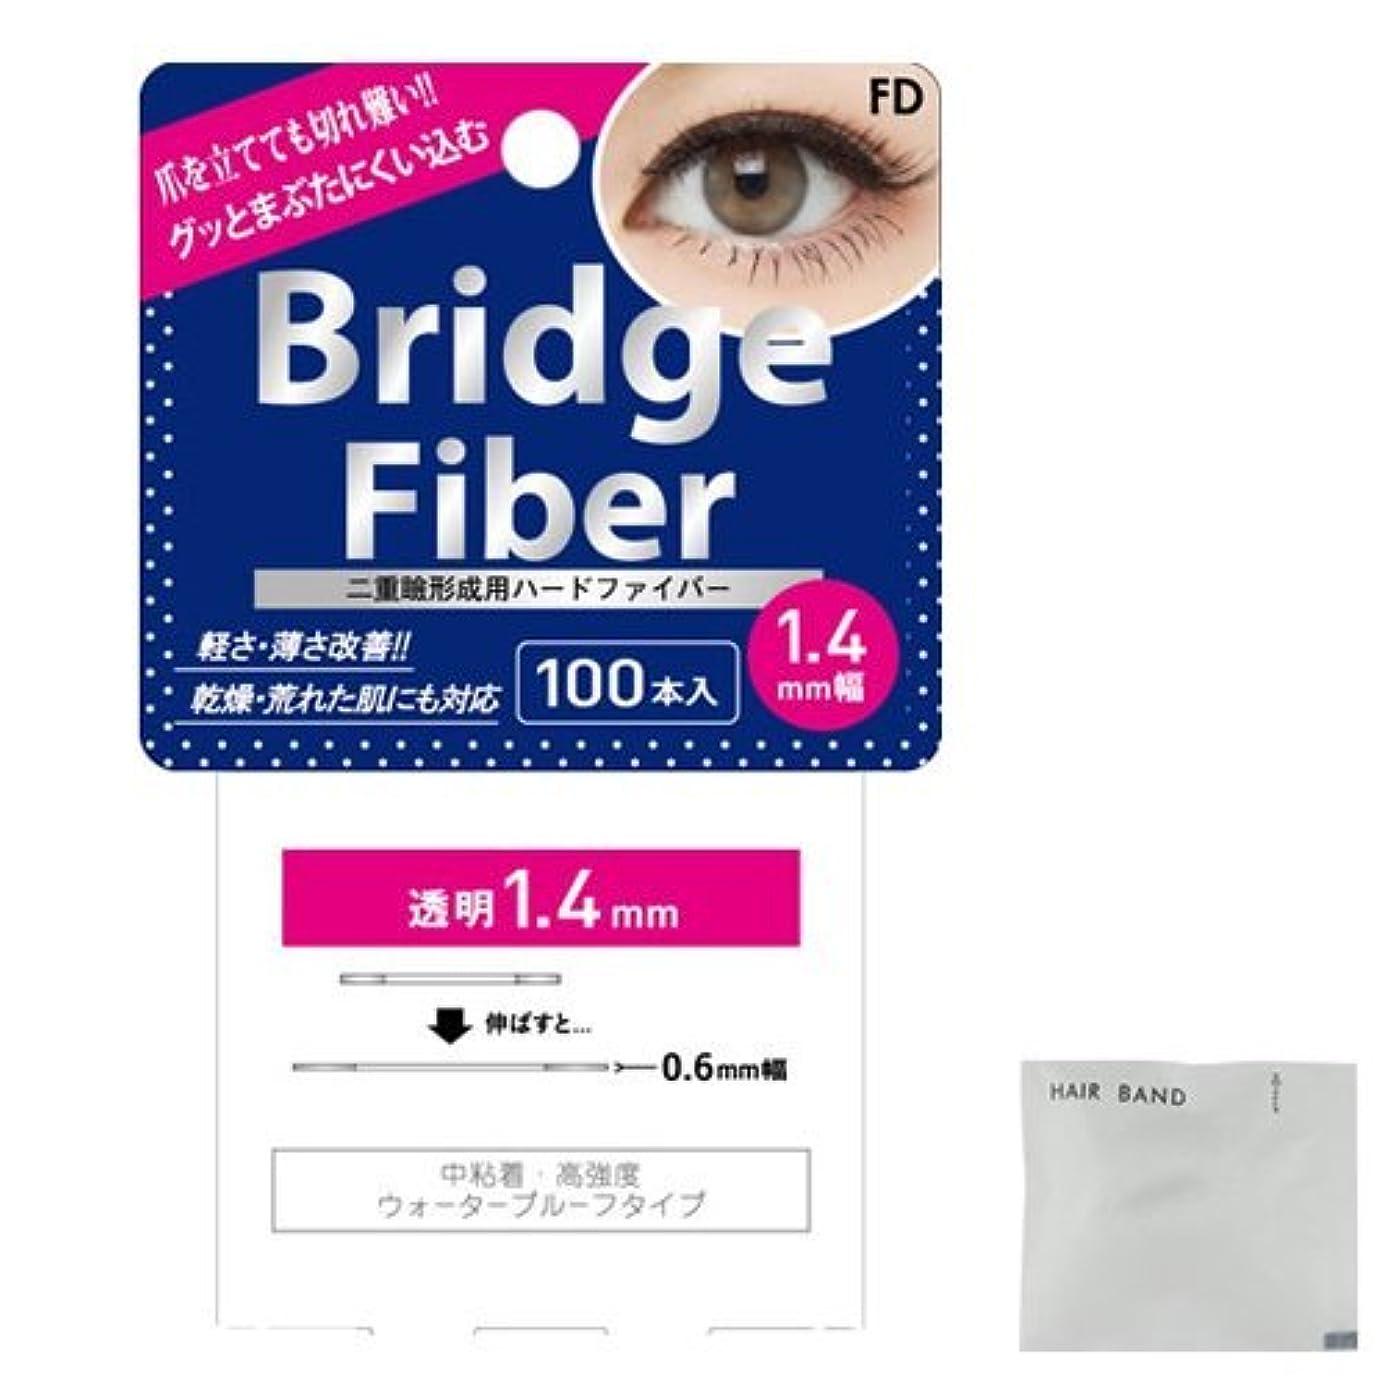 シーン自然治すFD ブリッジファイバーⅡ (Bridge Fiber) クリア1.4mm + ヘアゴム(カラーはおまかせ)セット